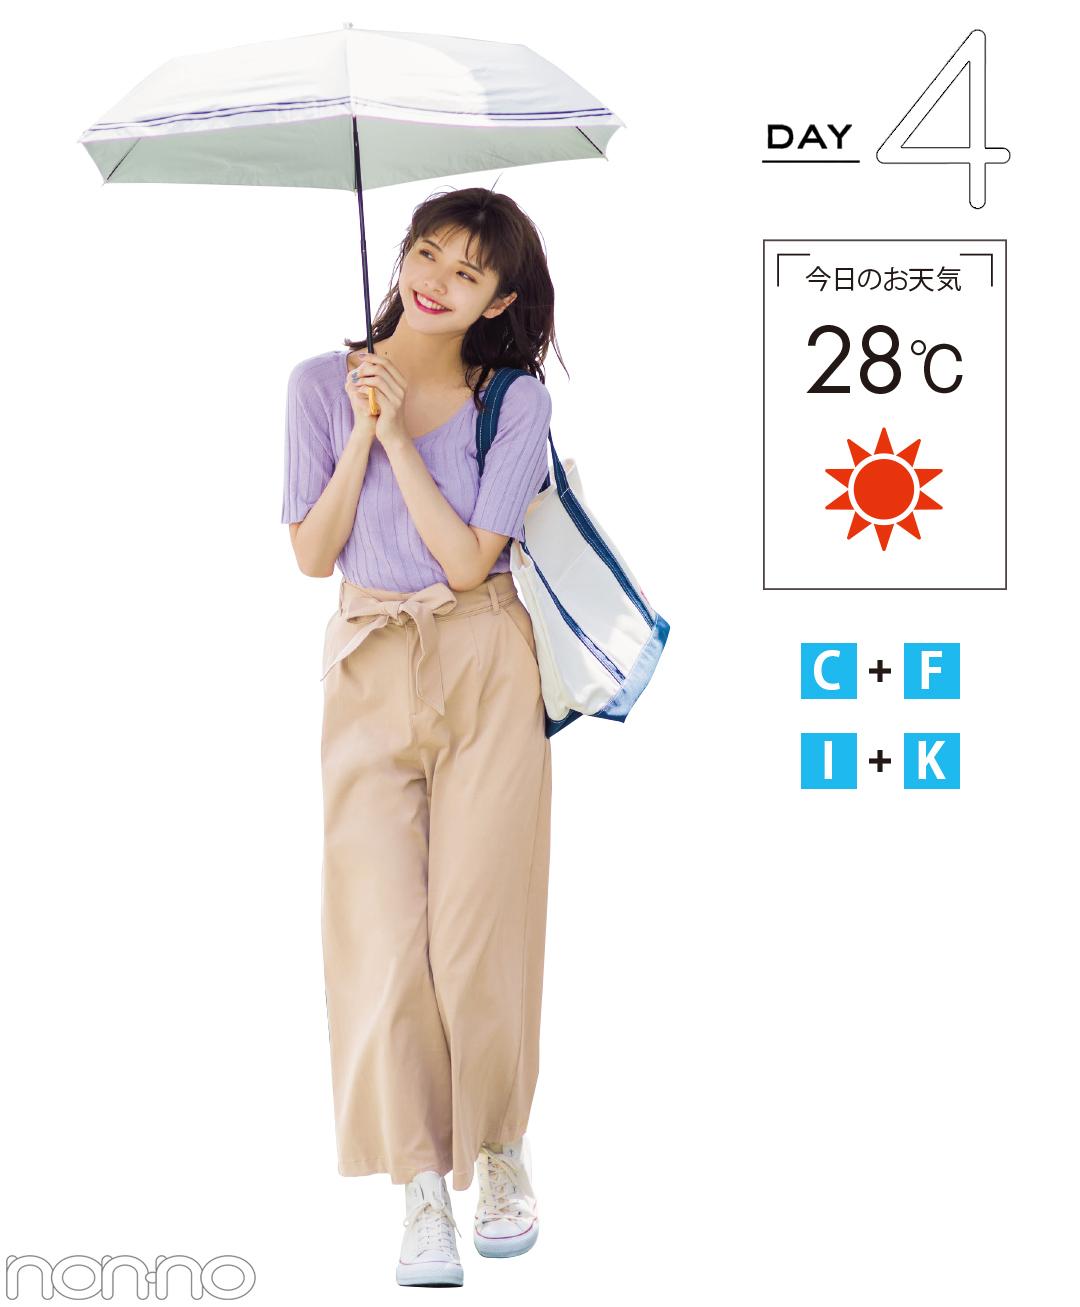 気温差にも梅雨にも負けない! 6月のお天気対応☆快適着回し10days【前半】_1_4-4